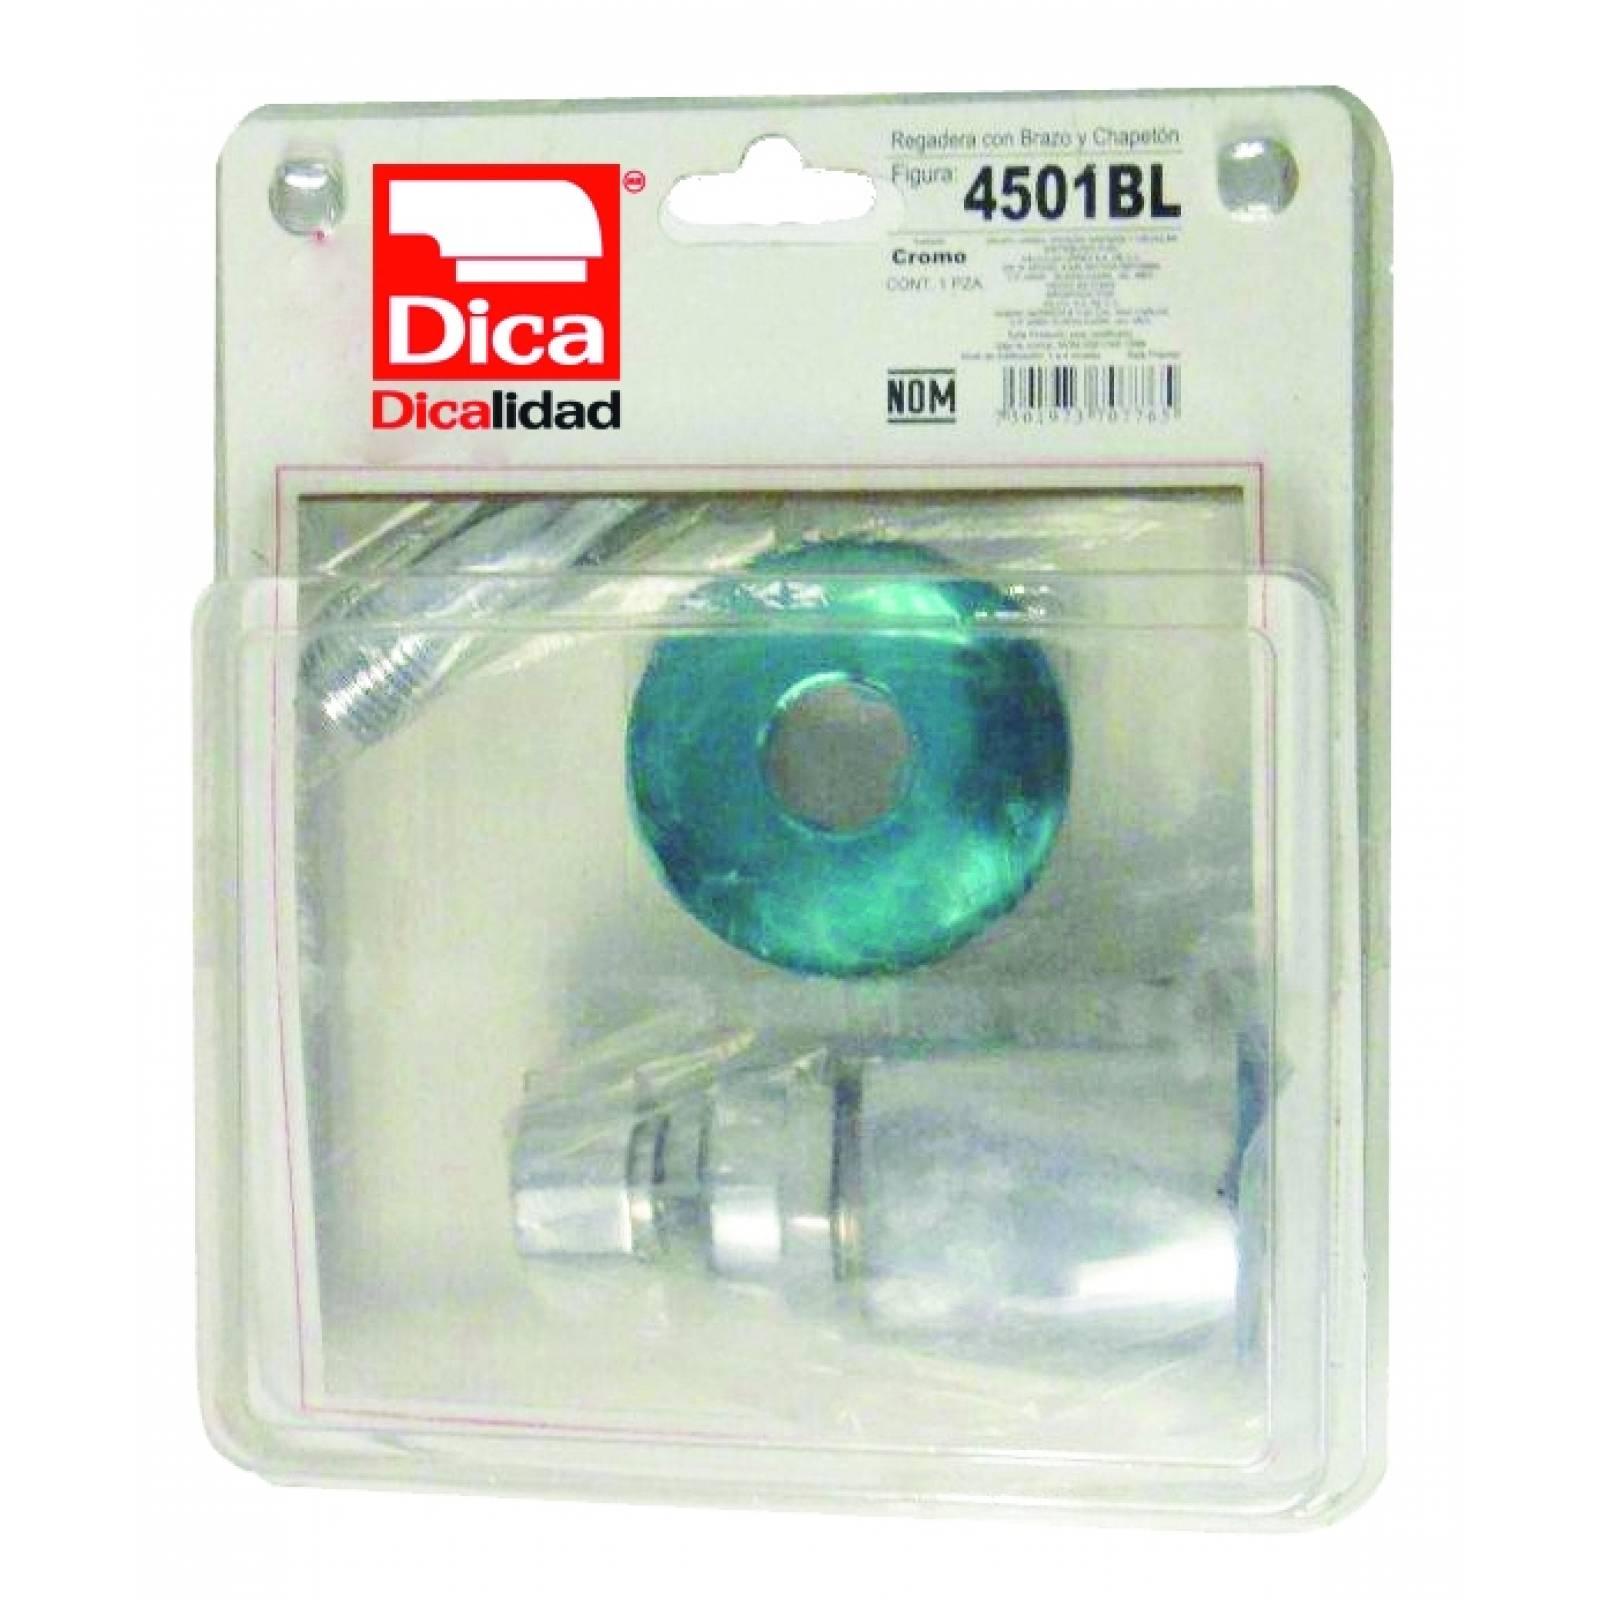 Regadera de cebolla cromo con brazo y chapetón 4501BL DICA